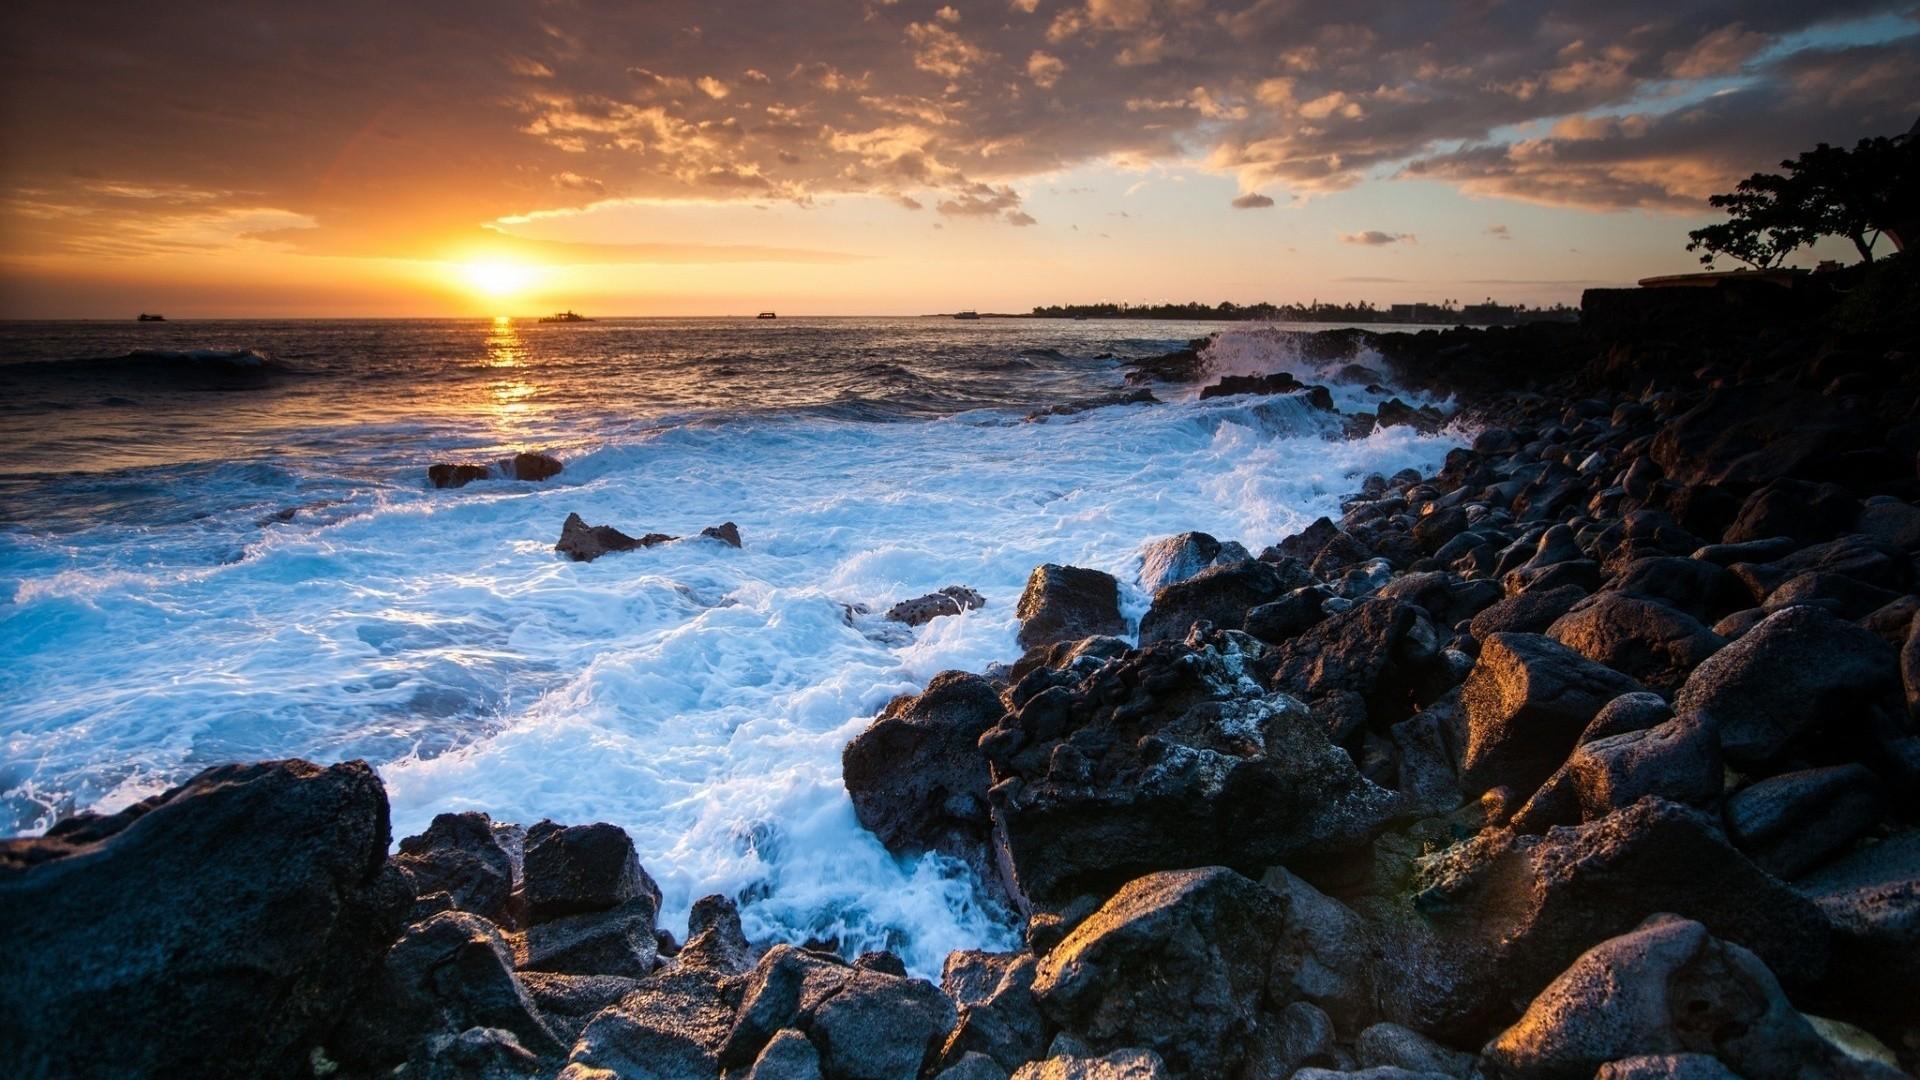 Sea Wallpaper Picture hd